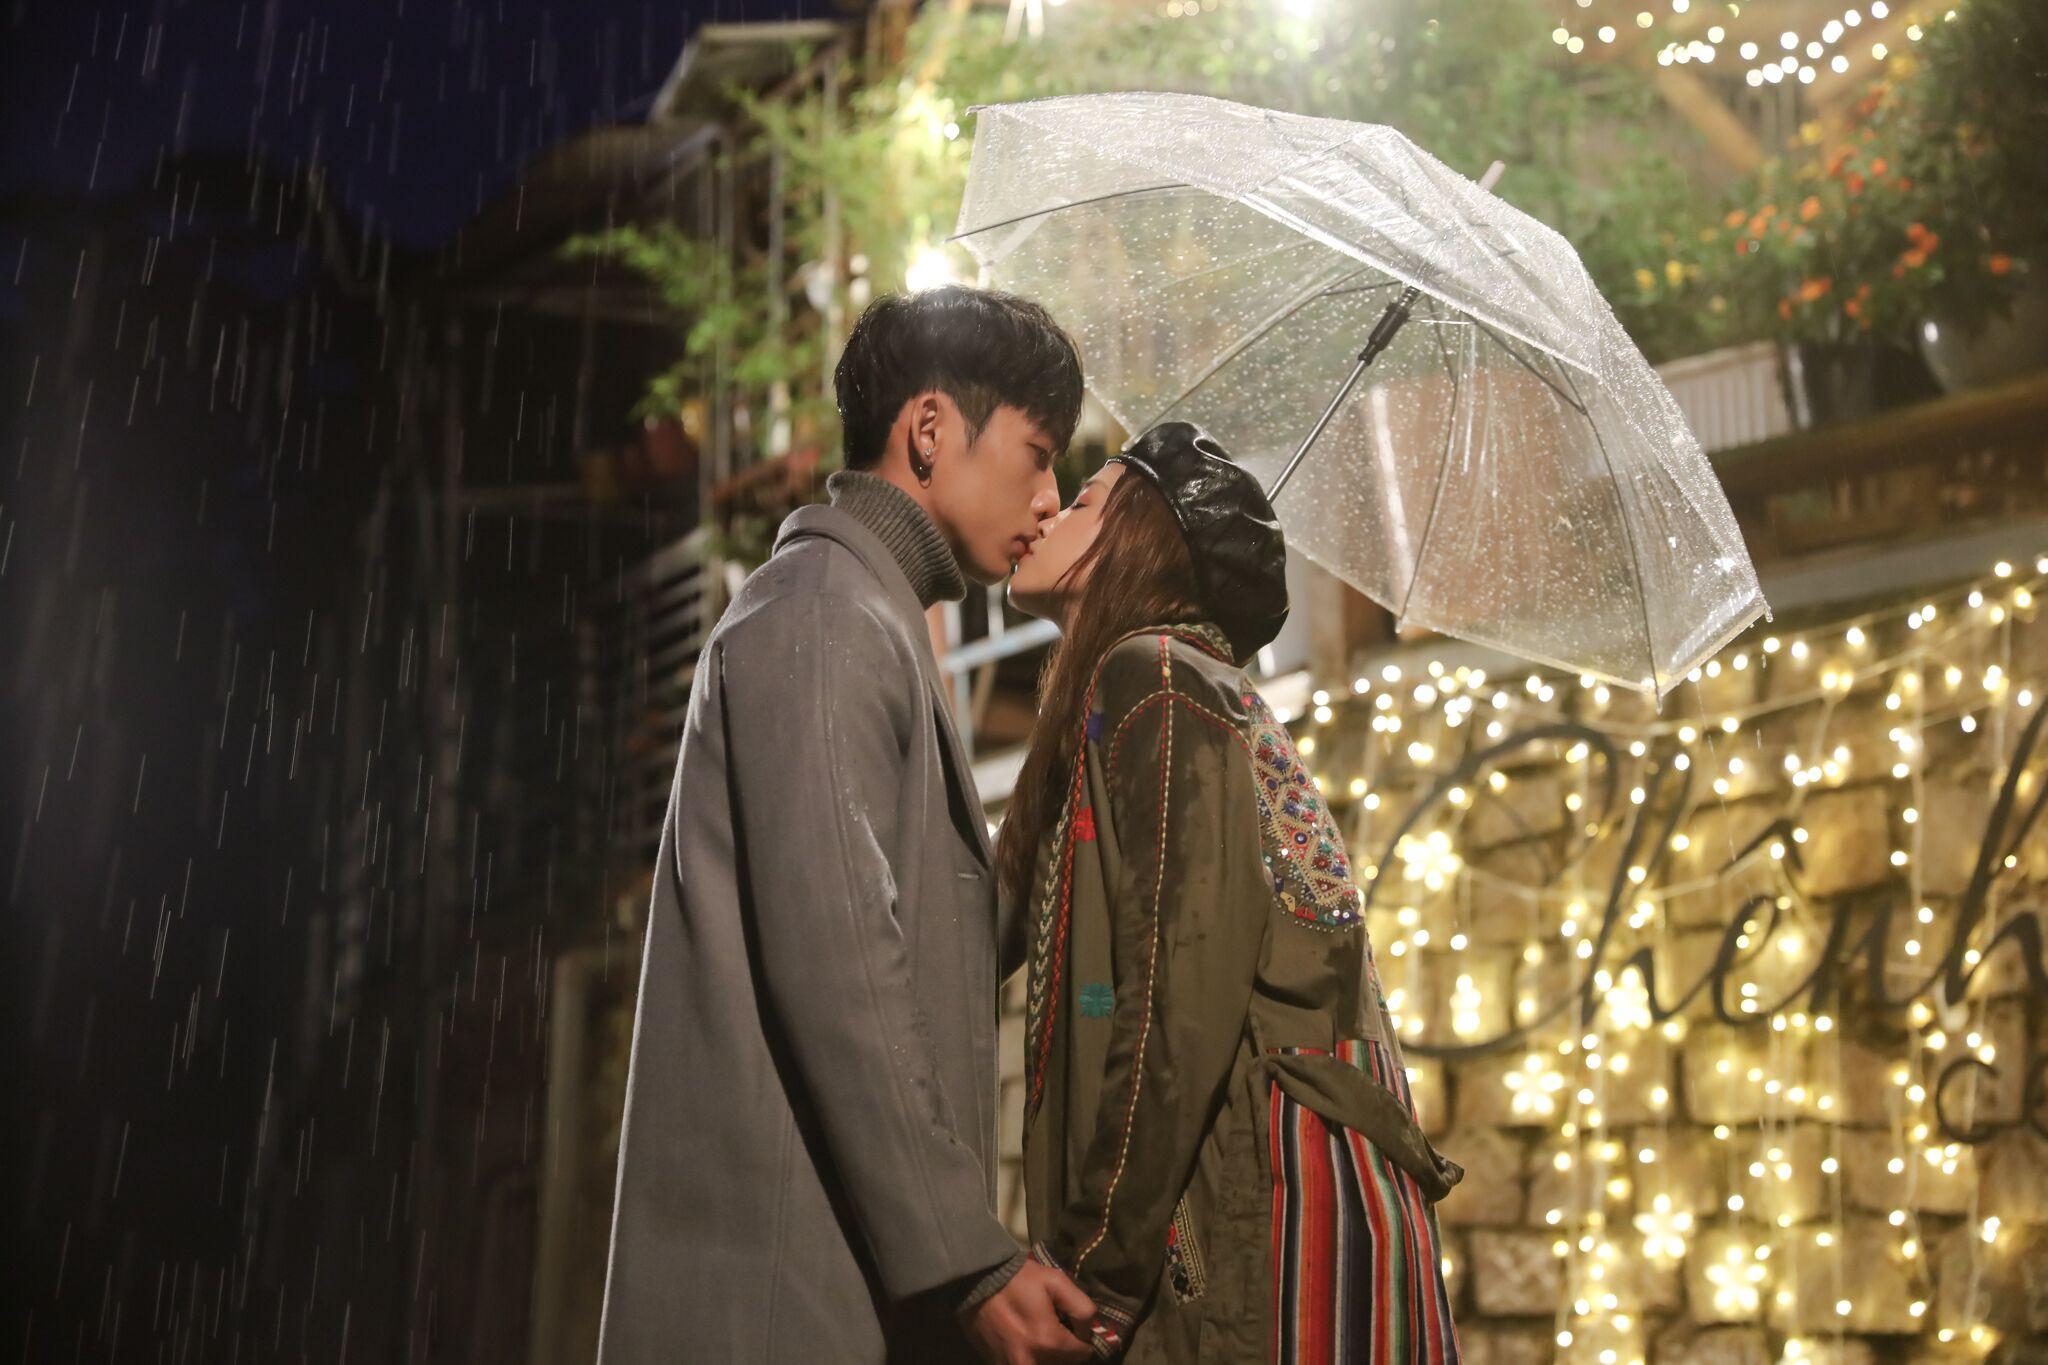 """""""21 ngày yêu em"""" tập 4: Vừa bày tỏ tình cảm, Tuấn Trần sốc vì Salim phải đi xem mắt hôn phu"""